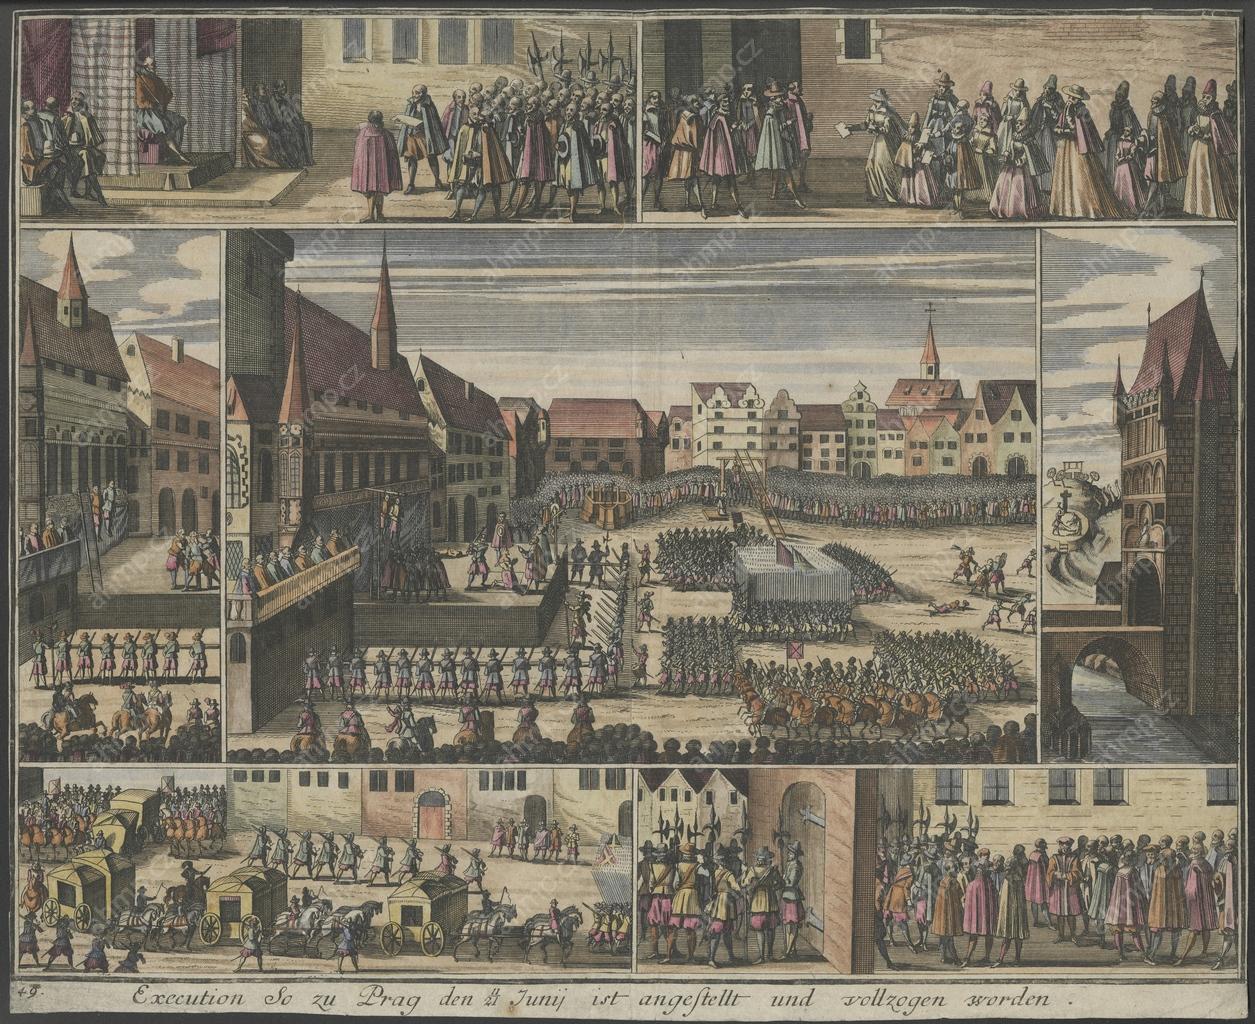 Detail grafiky staroměstské exekuce s břevnem, na kterém byli oběšeni Jan Kutnaur a Šimon Sušický (AMP, Sbírka grafiky, Staroměstská exekuce, mědiryt 1646 [Leipzig 1724], G 1619, výřez centrální části)